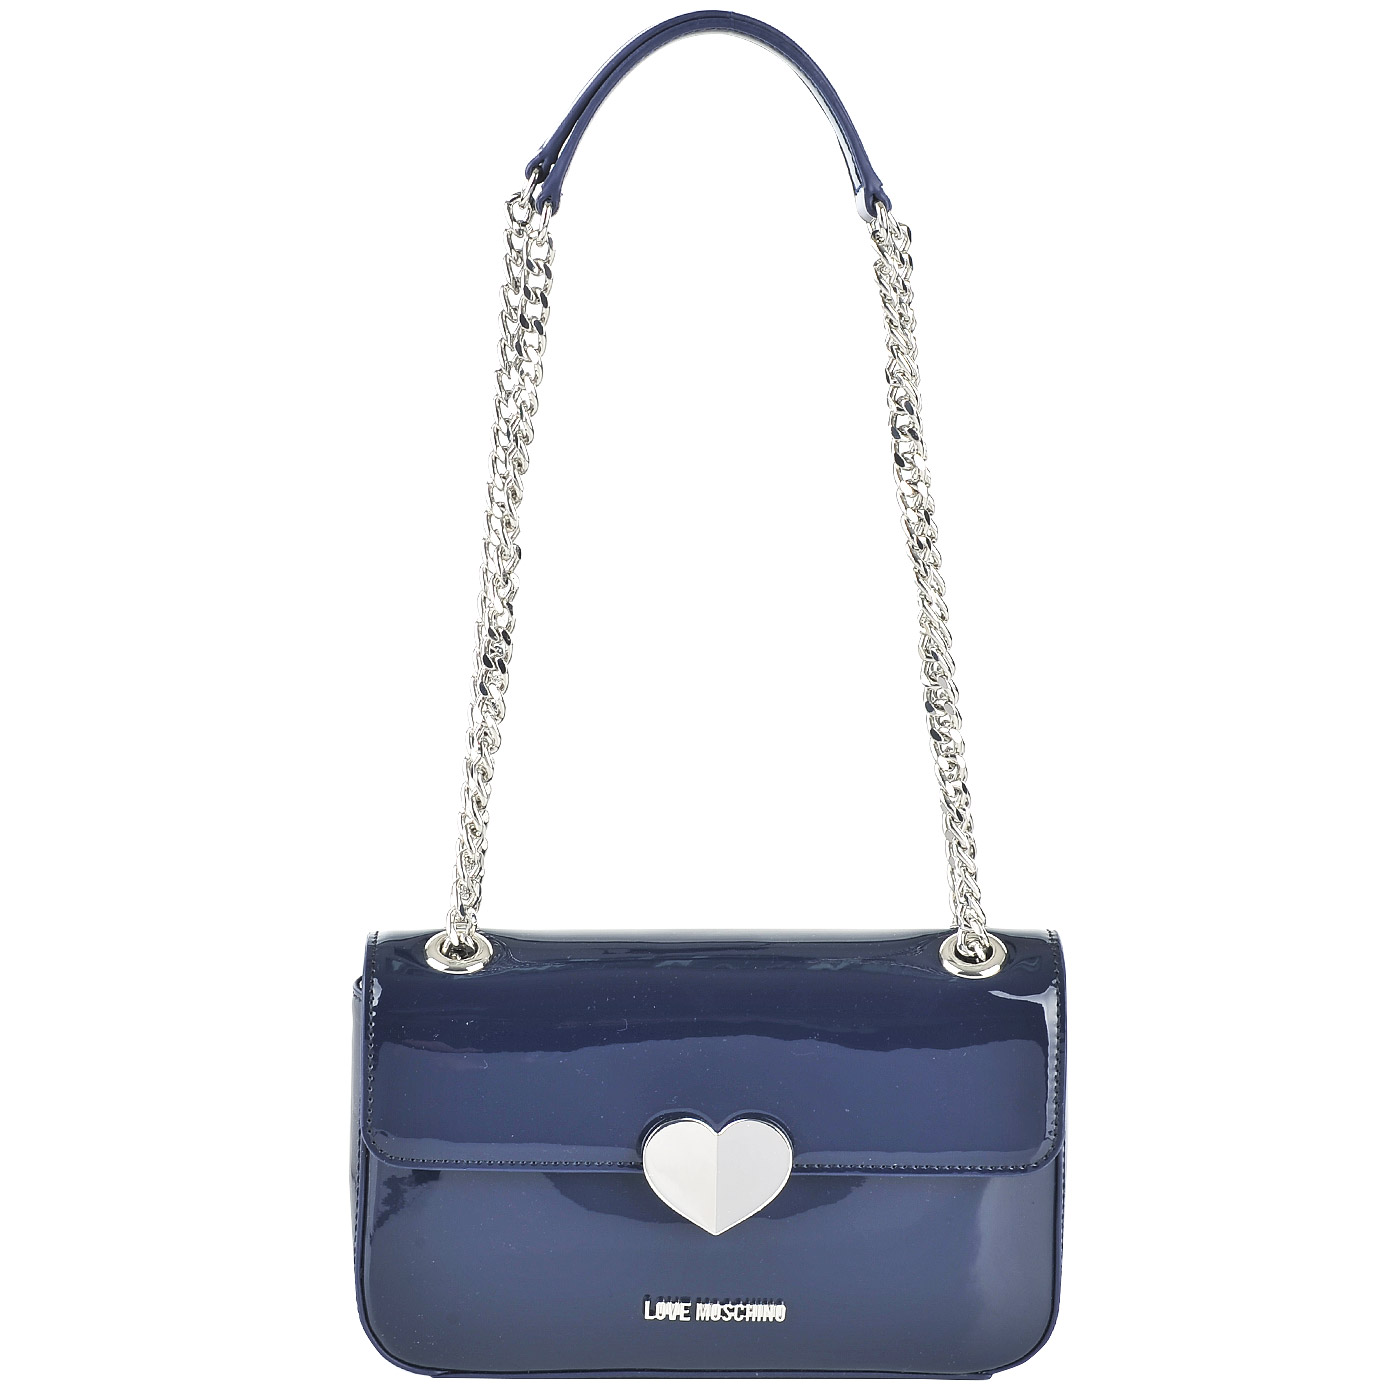 cc22cdda45a4 Женская сумка через плечо Love Moschino Cut heart JC4249PP03_751 ...